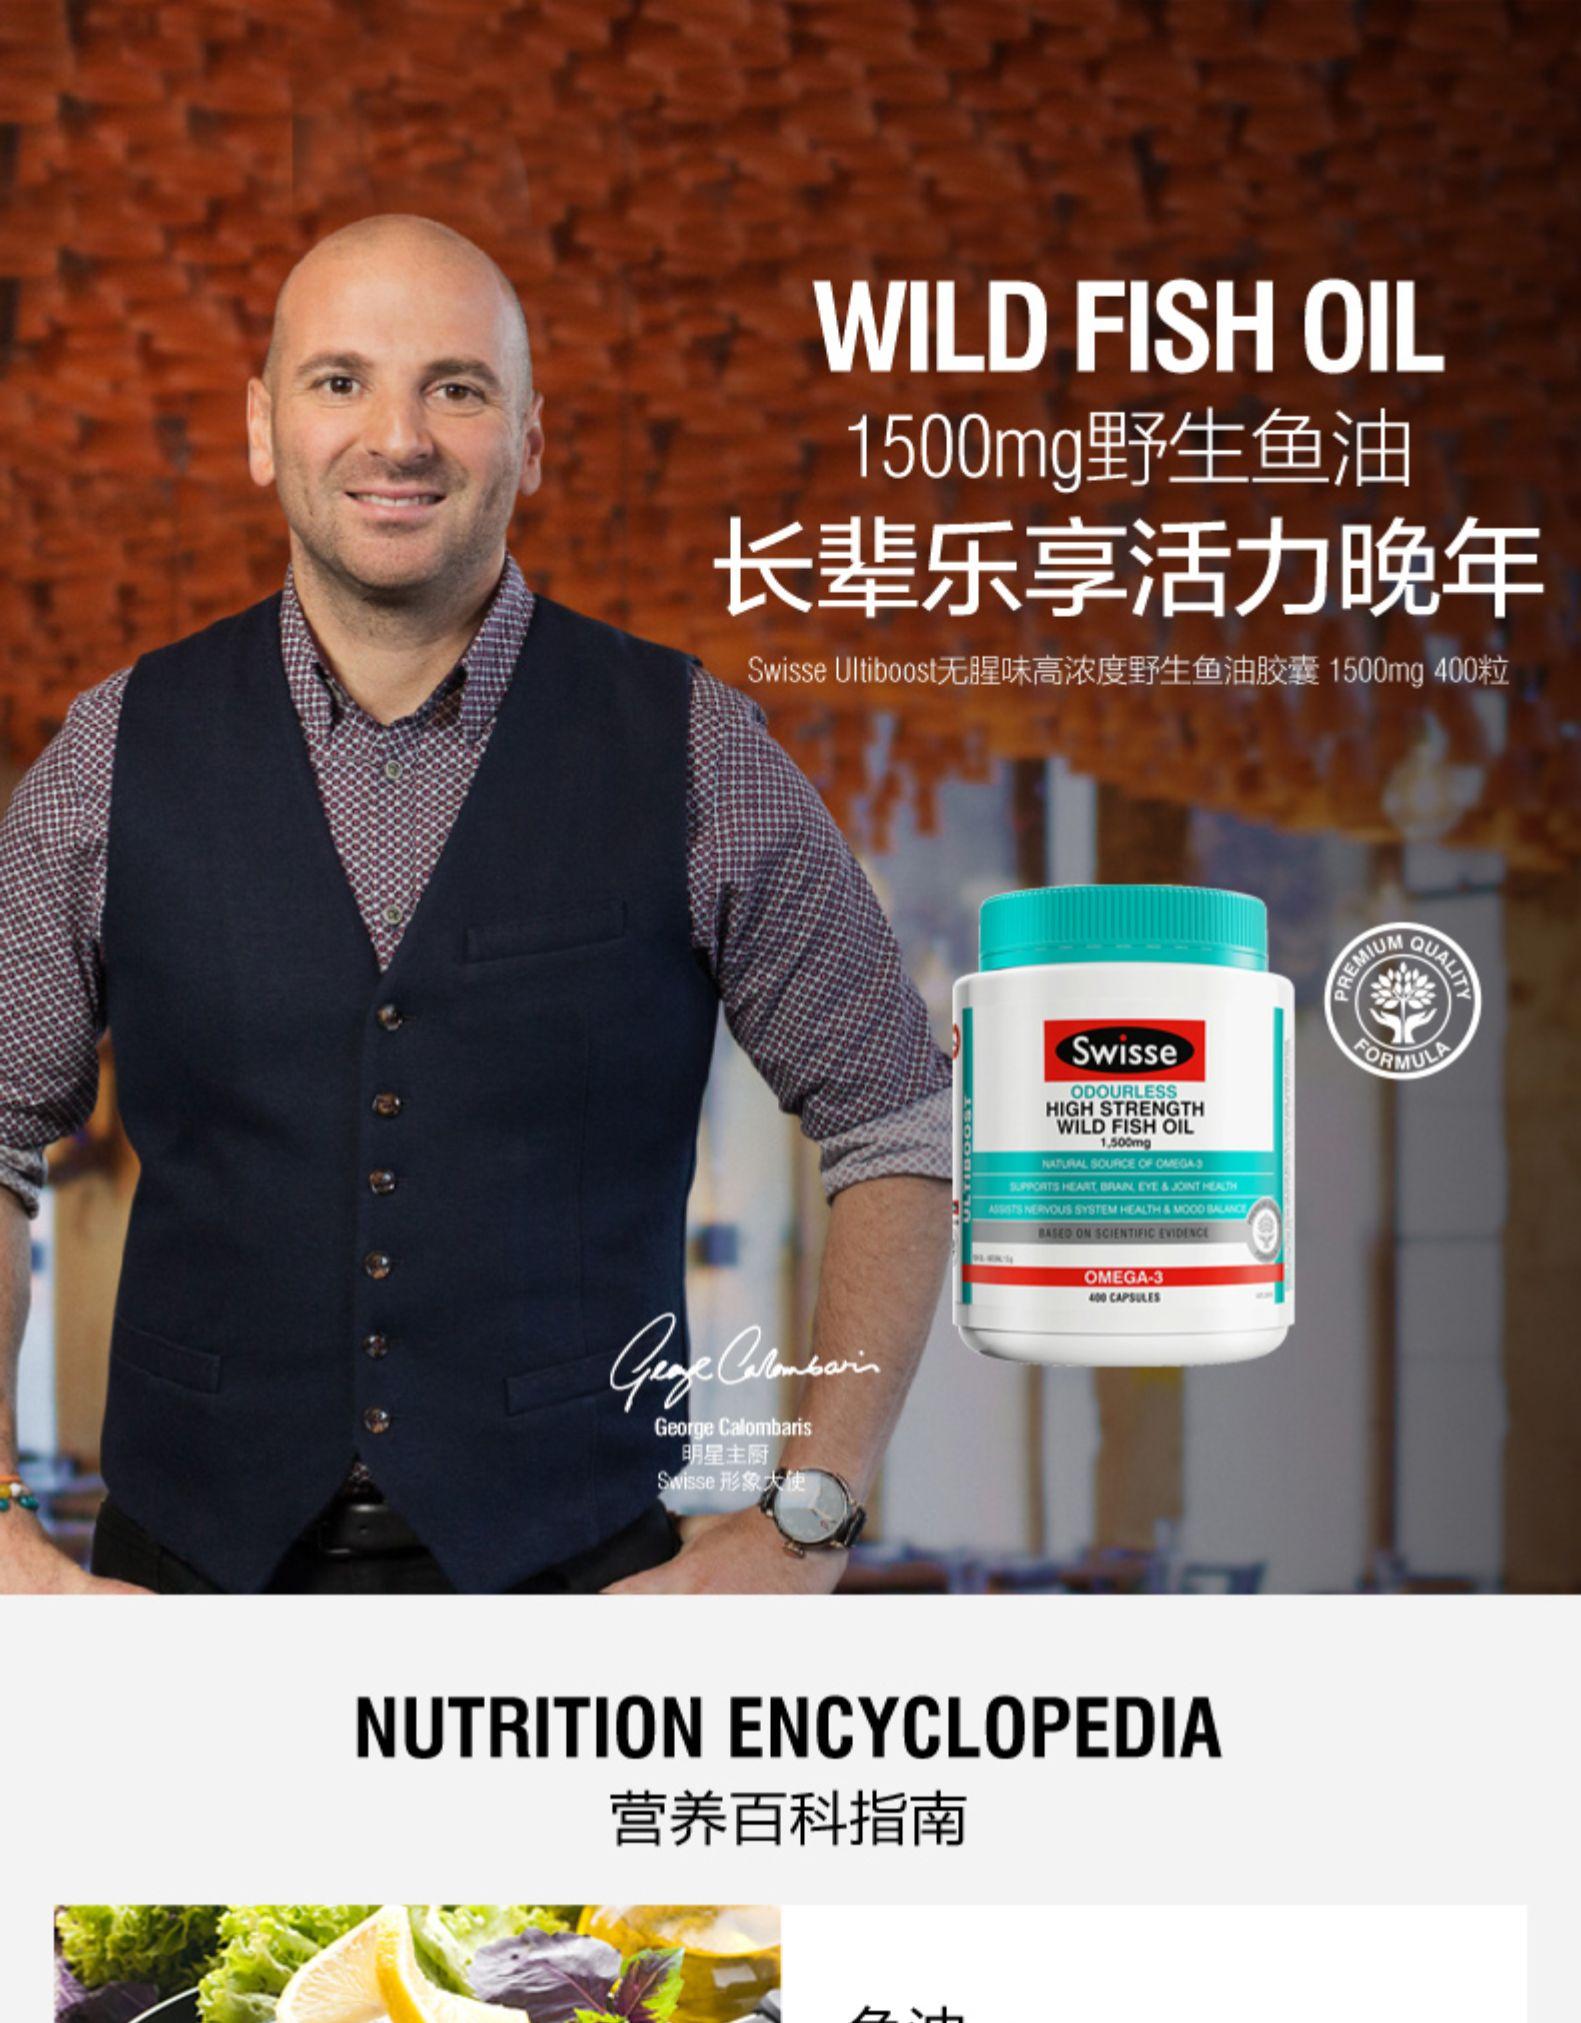 澳洲进口swisse深海鱼油胶囊无腥味1500mg400粒中老年保健欧米伽3¥254.00 我们的产品 第2张